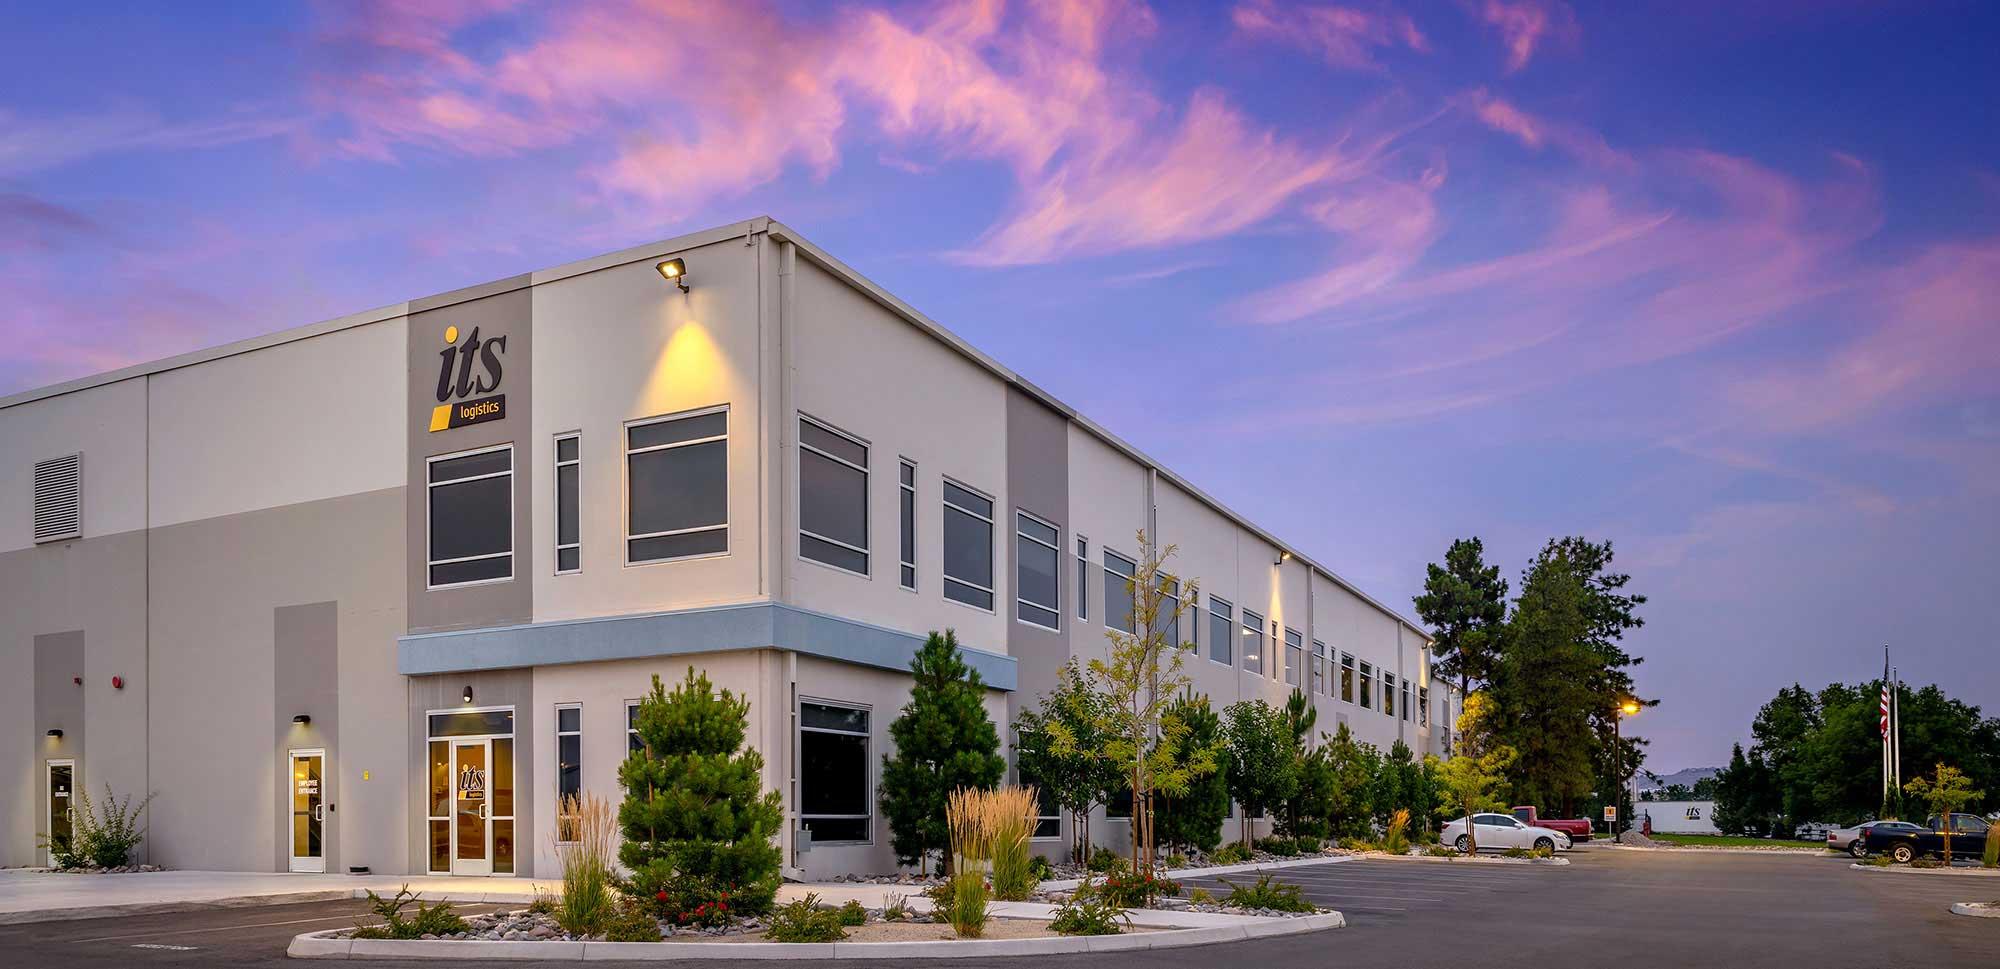 ITS Logistics headquarters